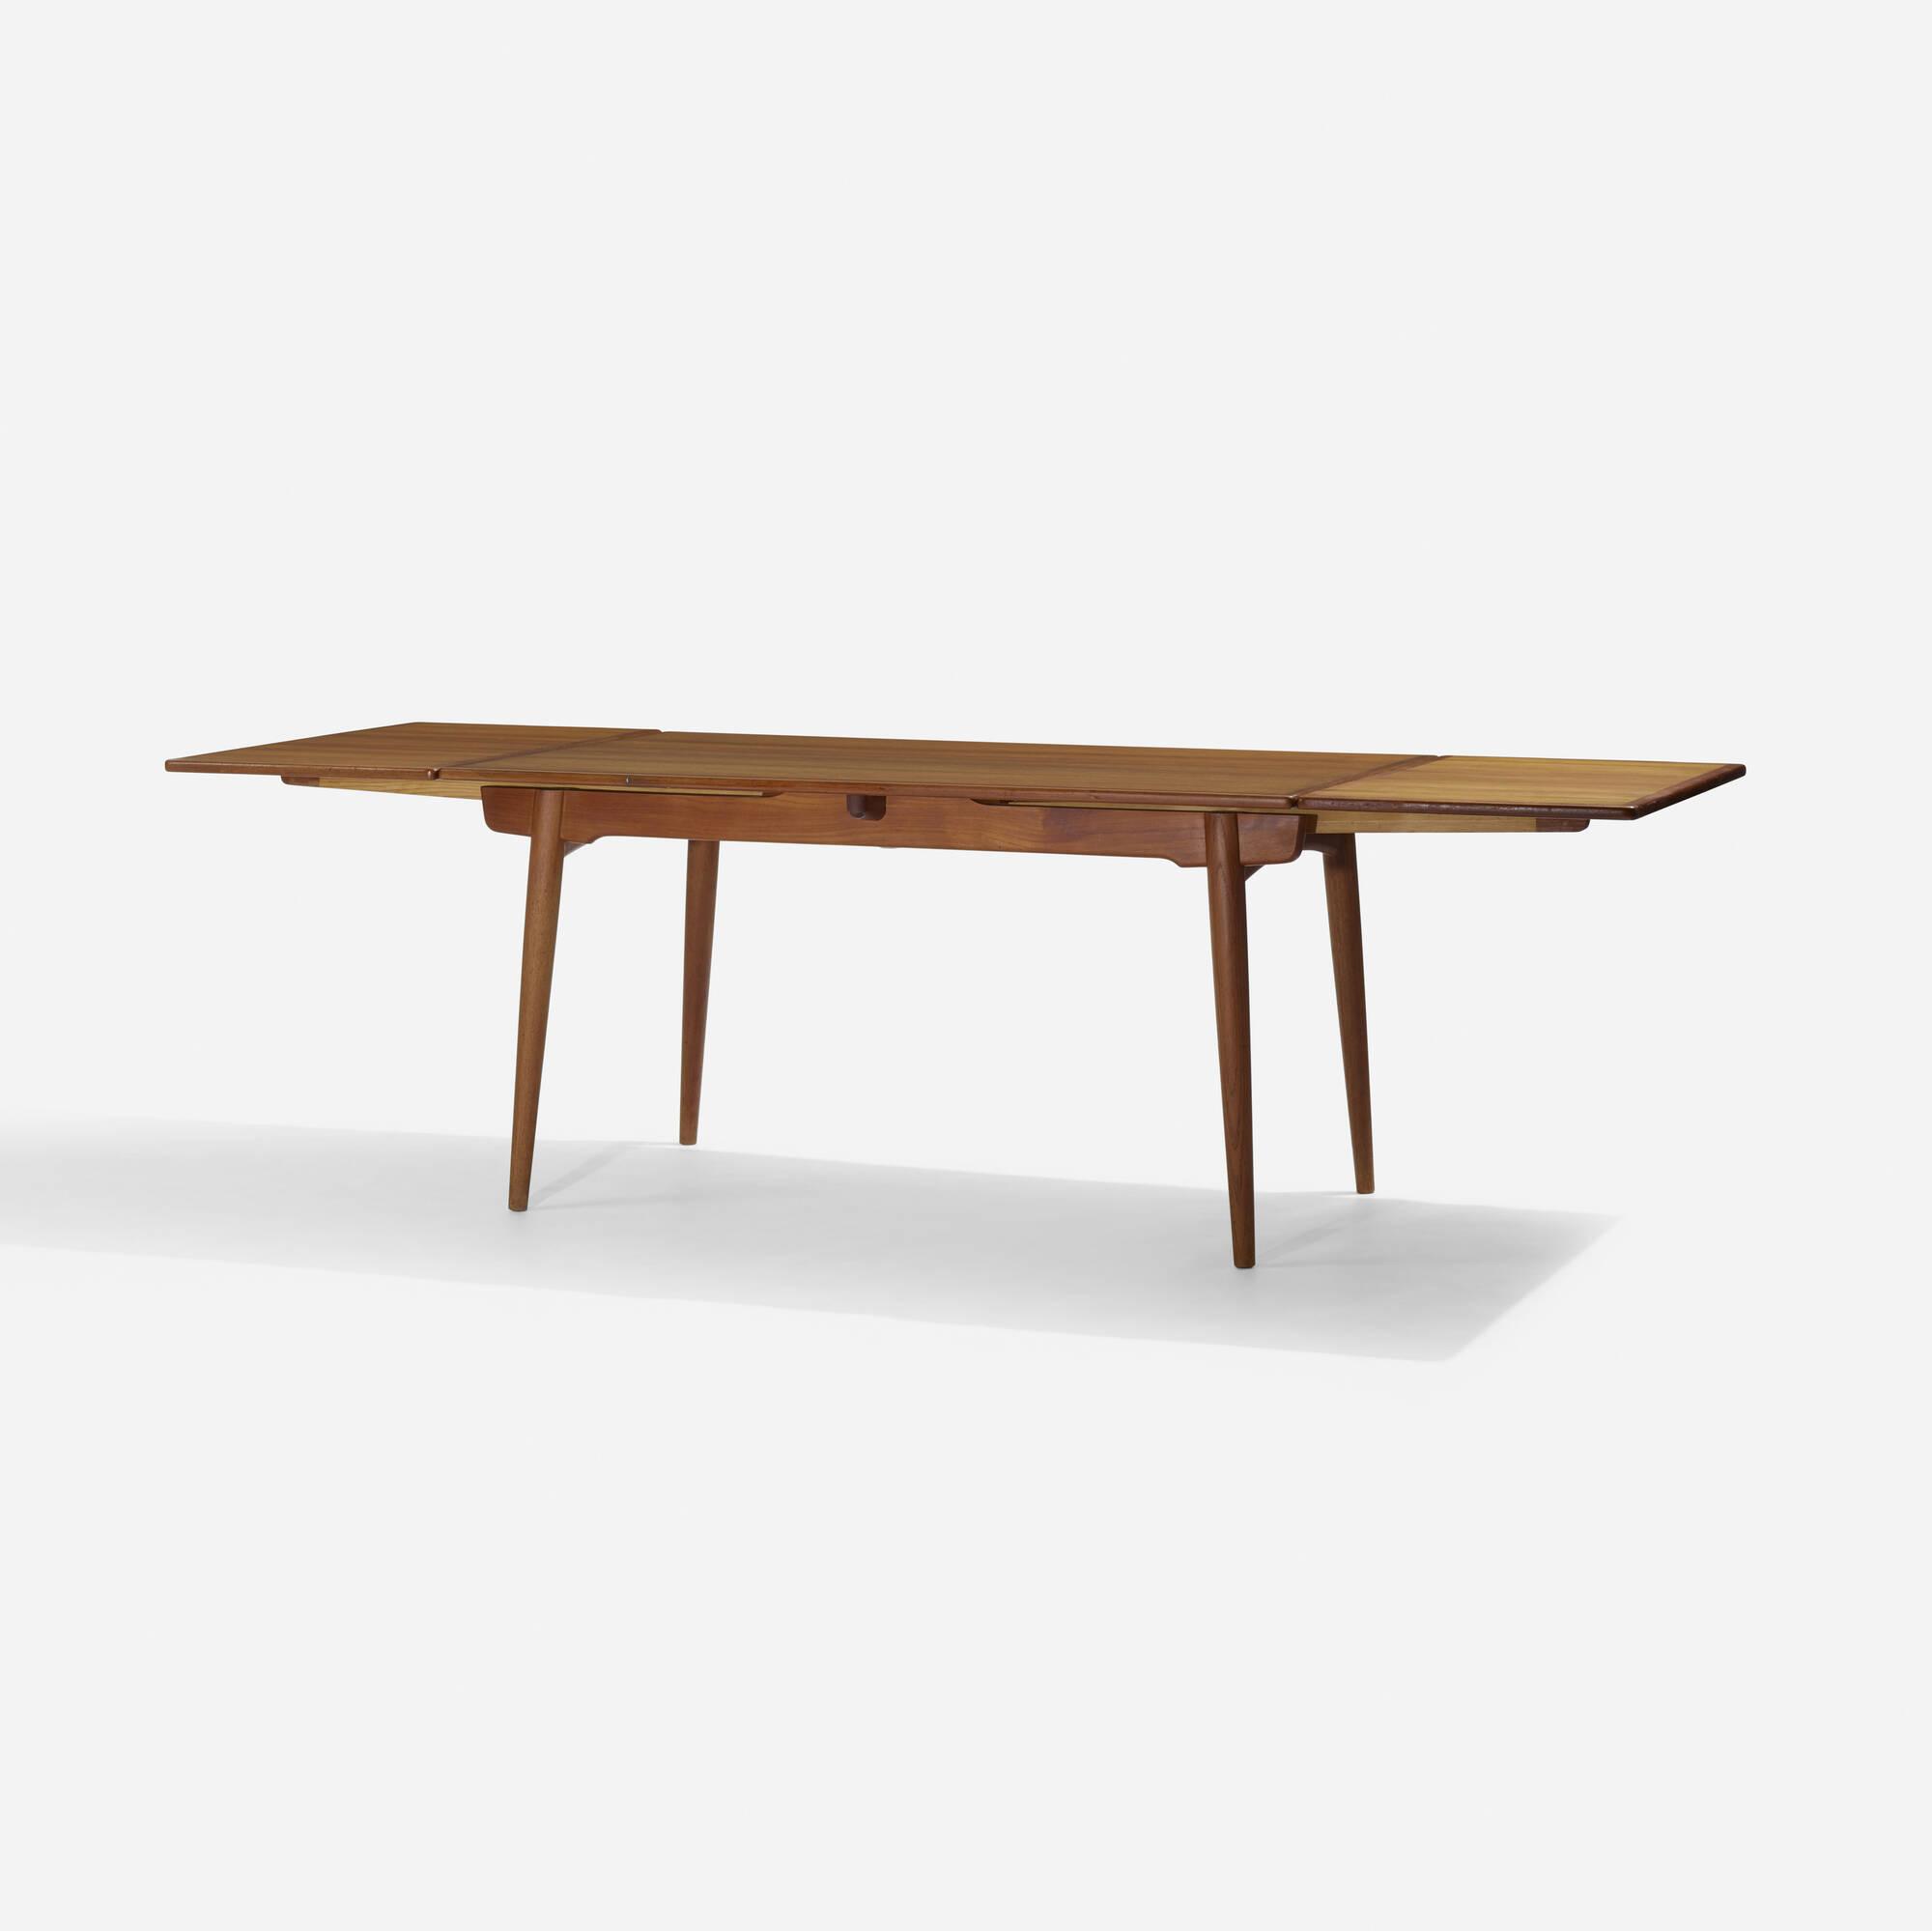 154: Hans J. Wegner / dining table, model AT312 (2 of 3)